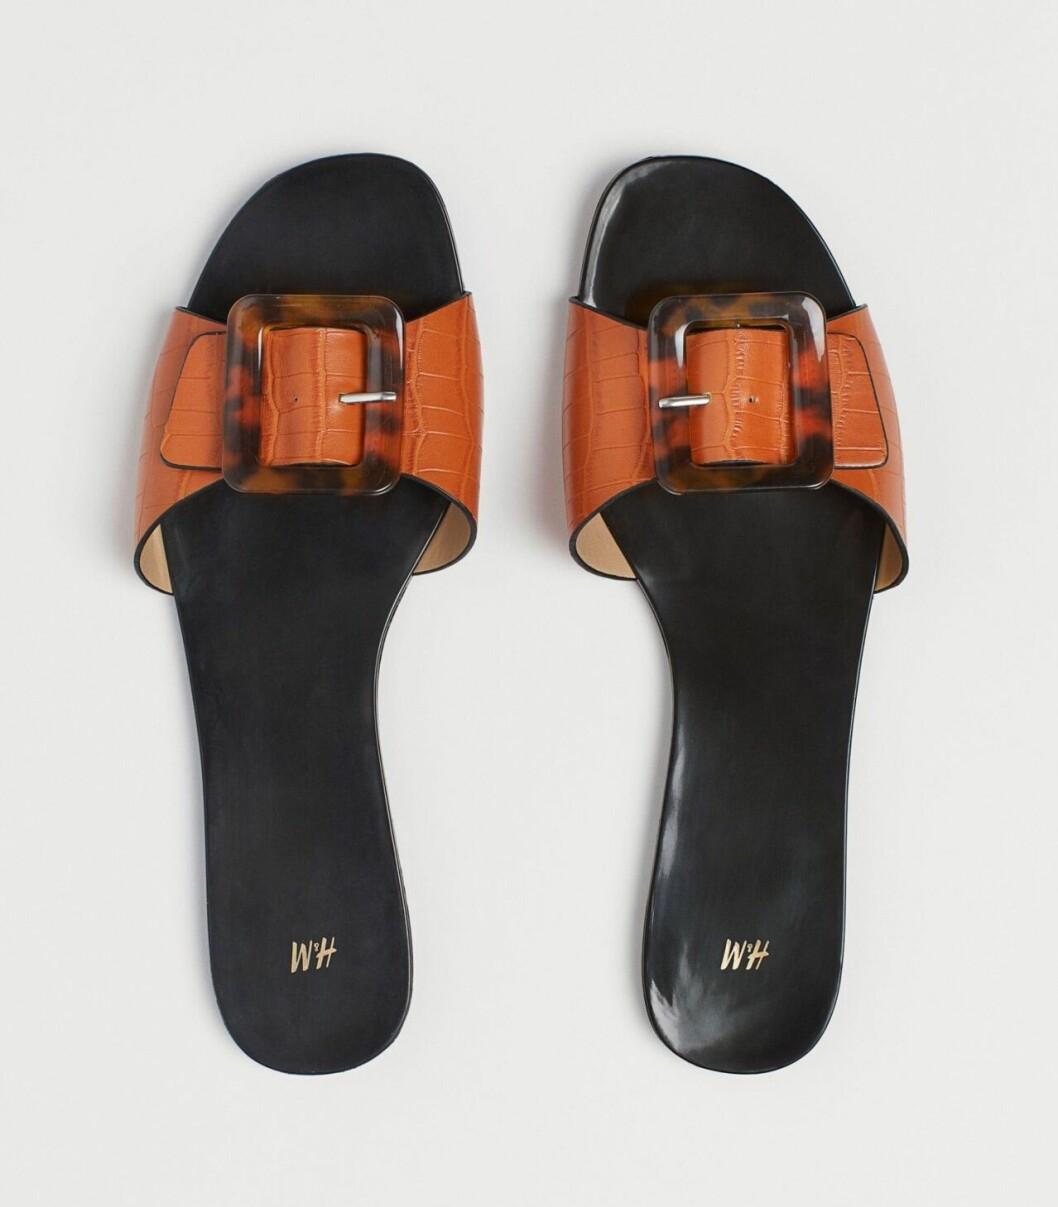 Snygga sandaler till budgetpris med spänne